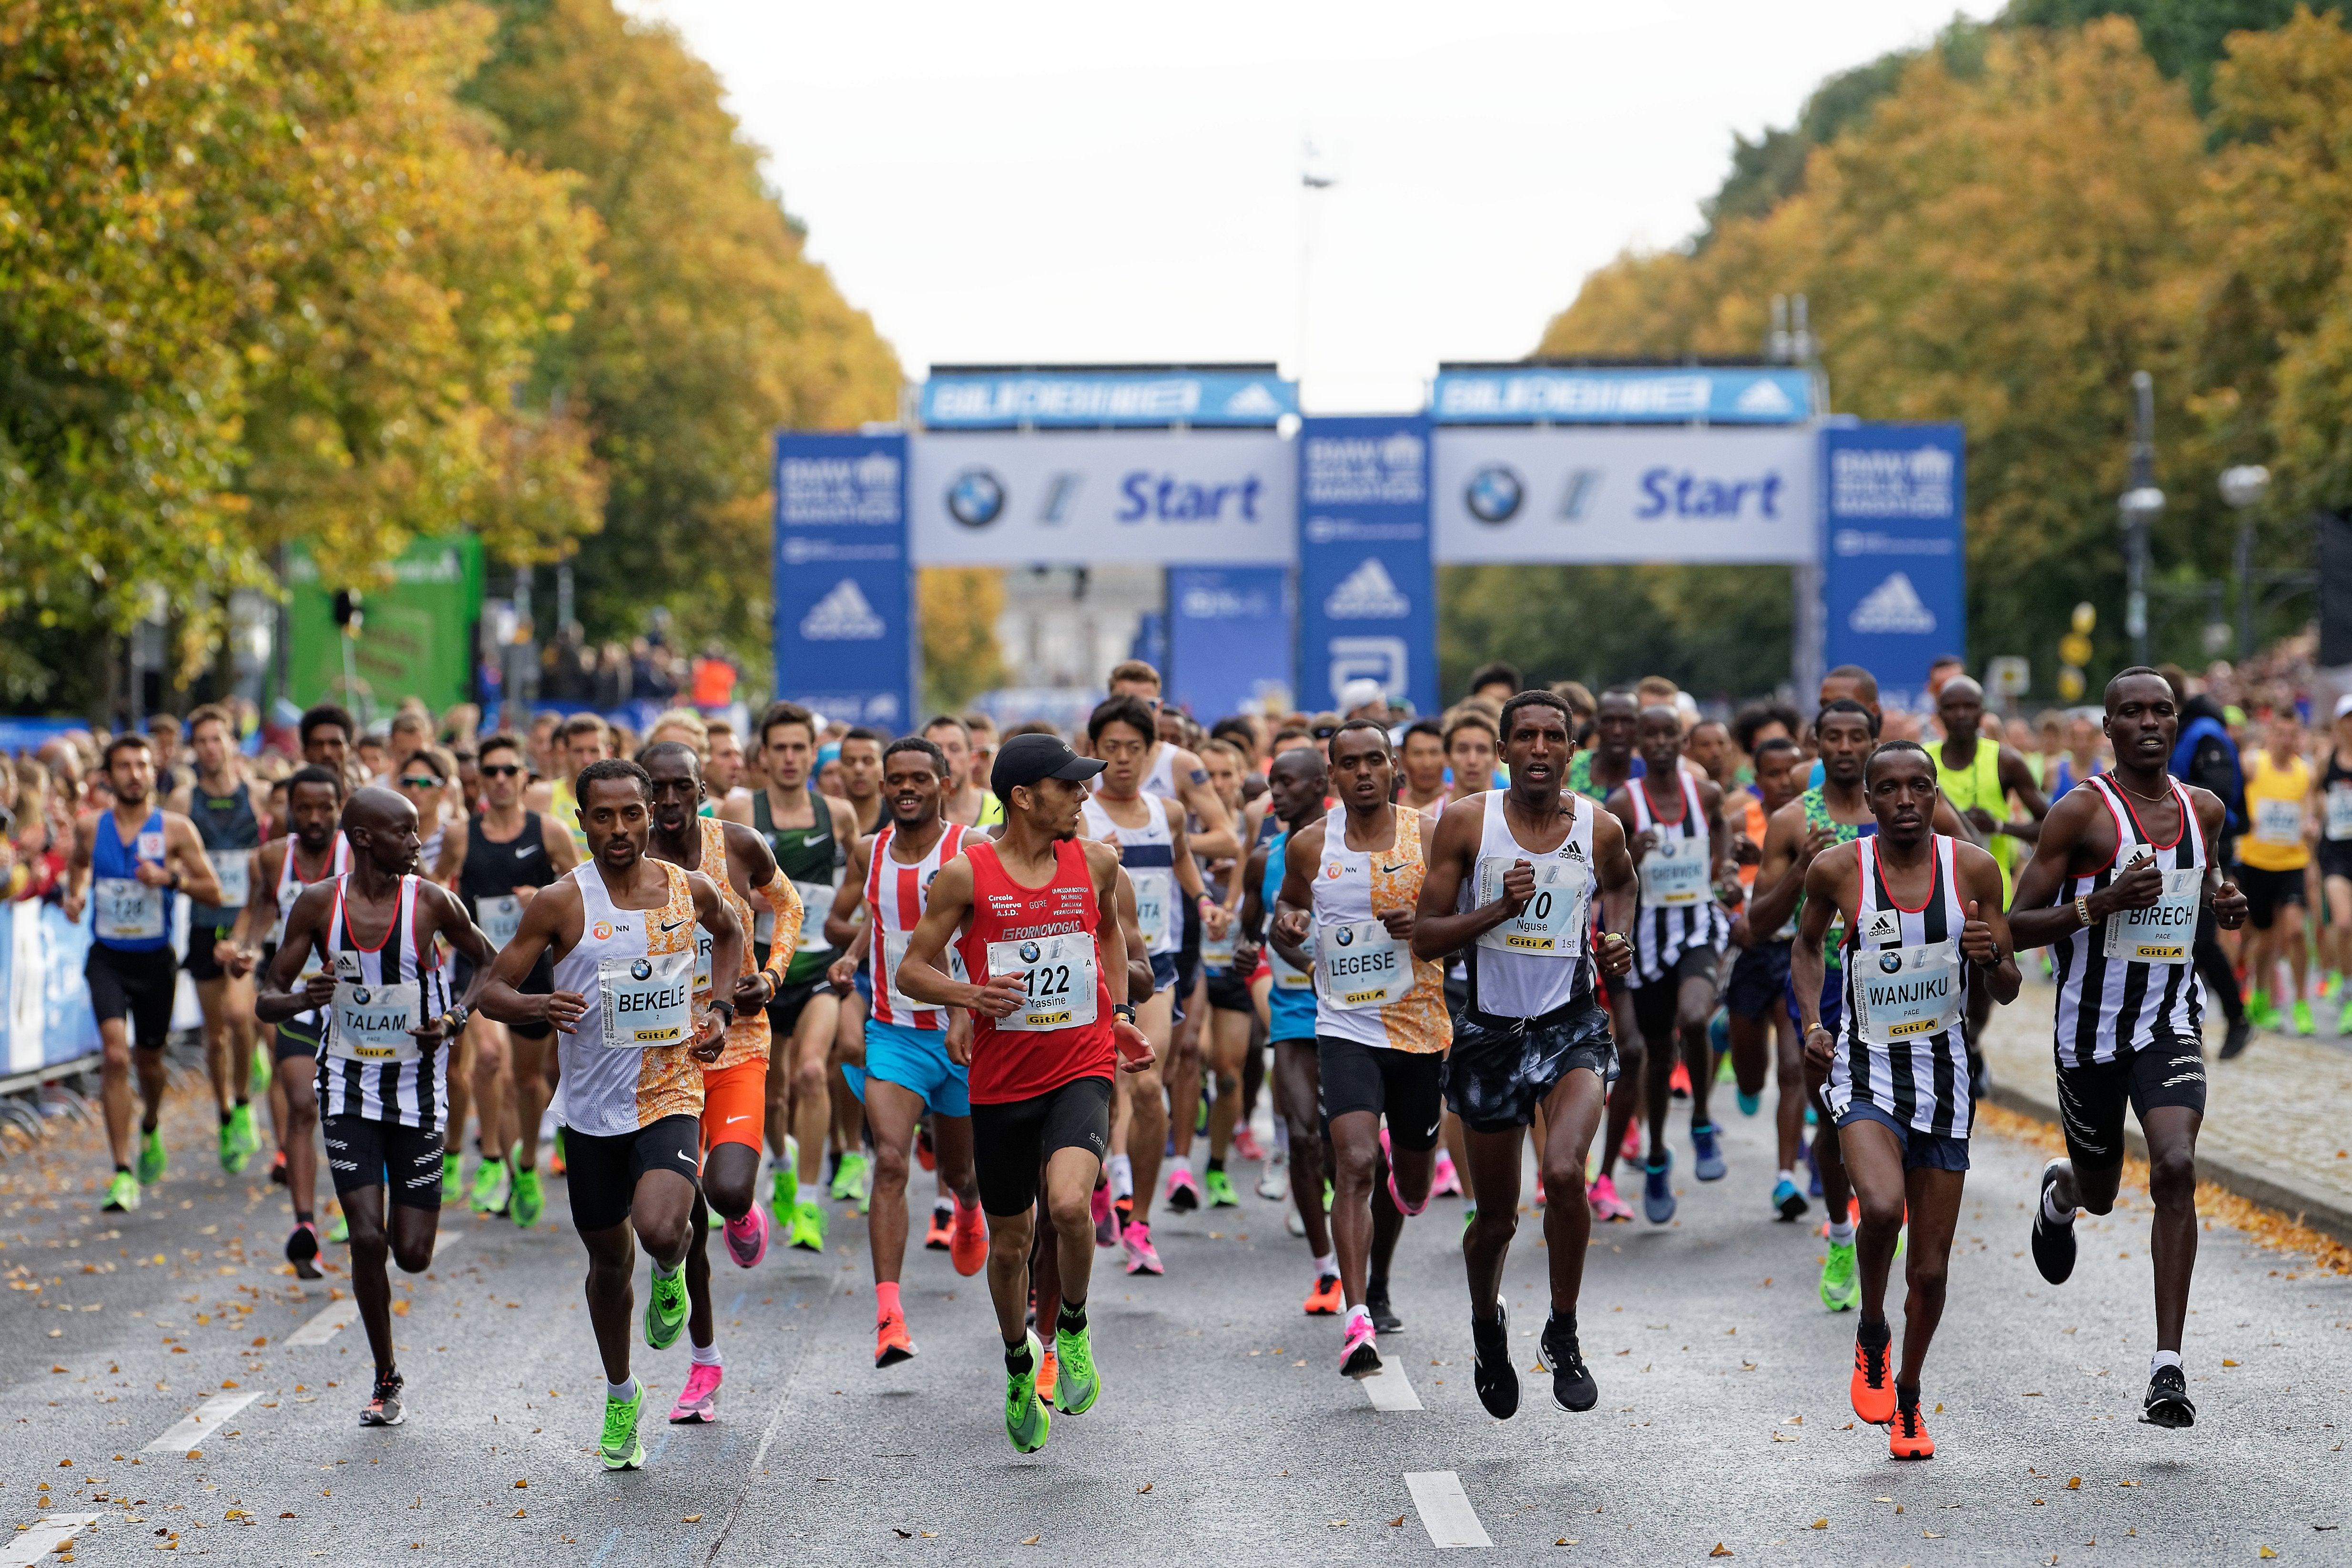 bmw-berlin-marathon-2019-2-start